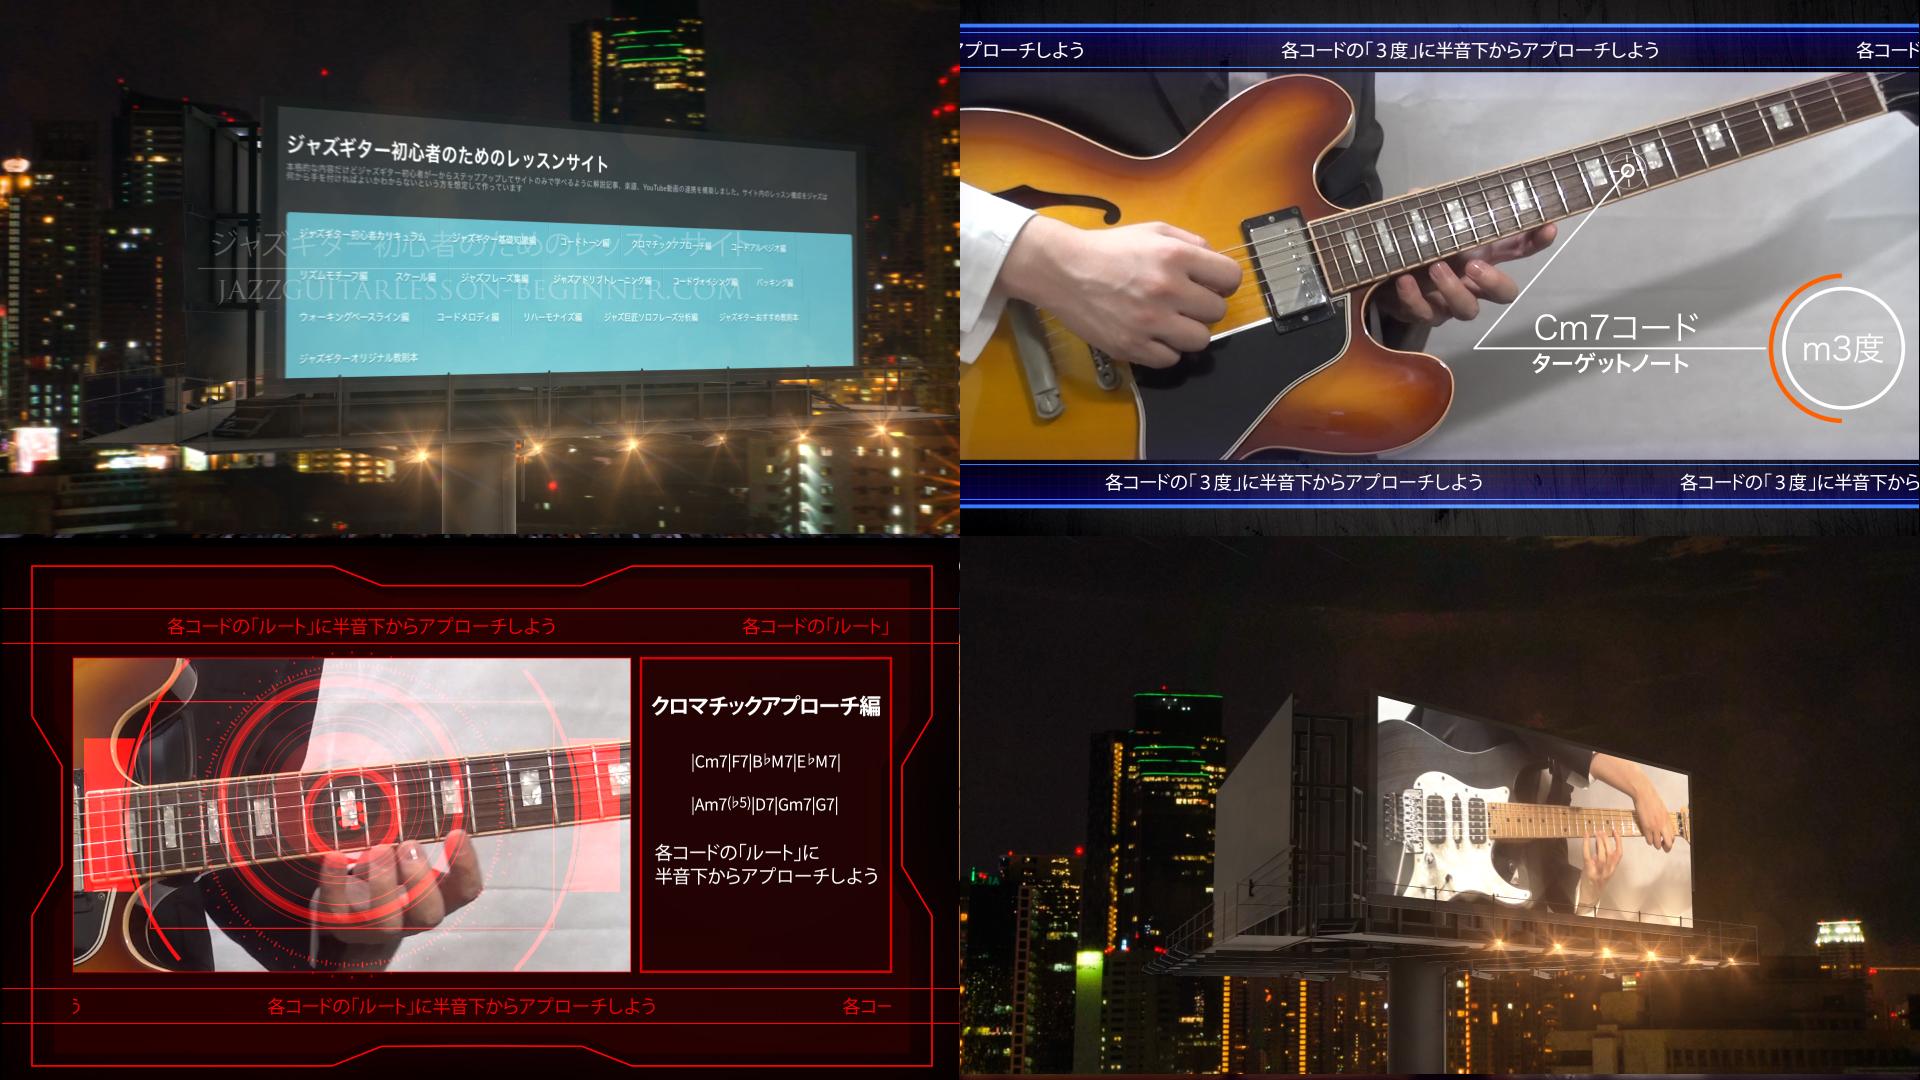 ジャズギター初心者のためのレッスンサイト